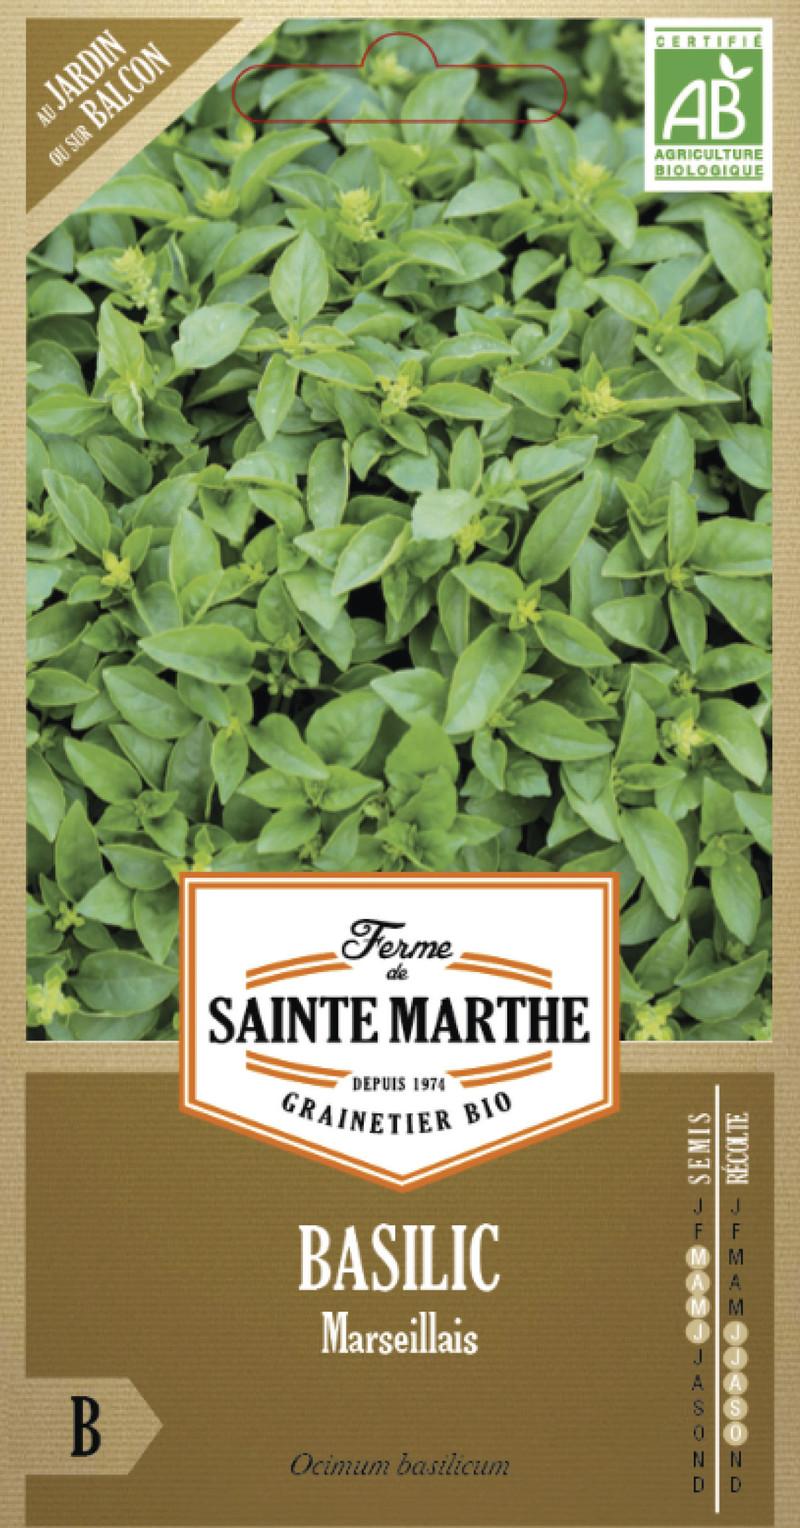 basilic marseillais bio la ferme de sainte marthe graine semence aromatique sachet semis - Voir en grand